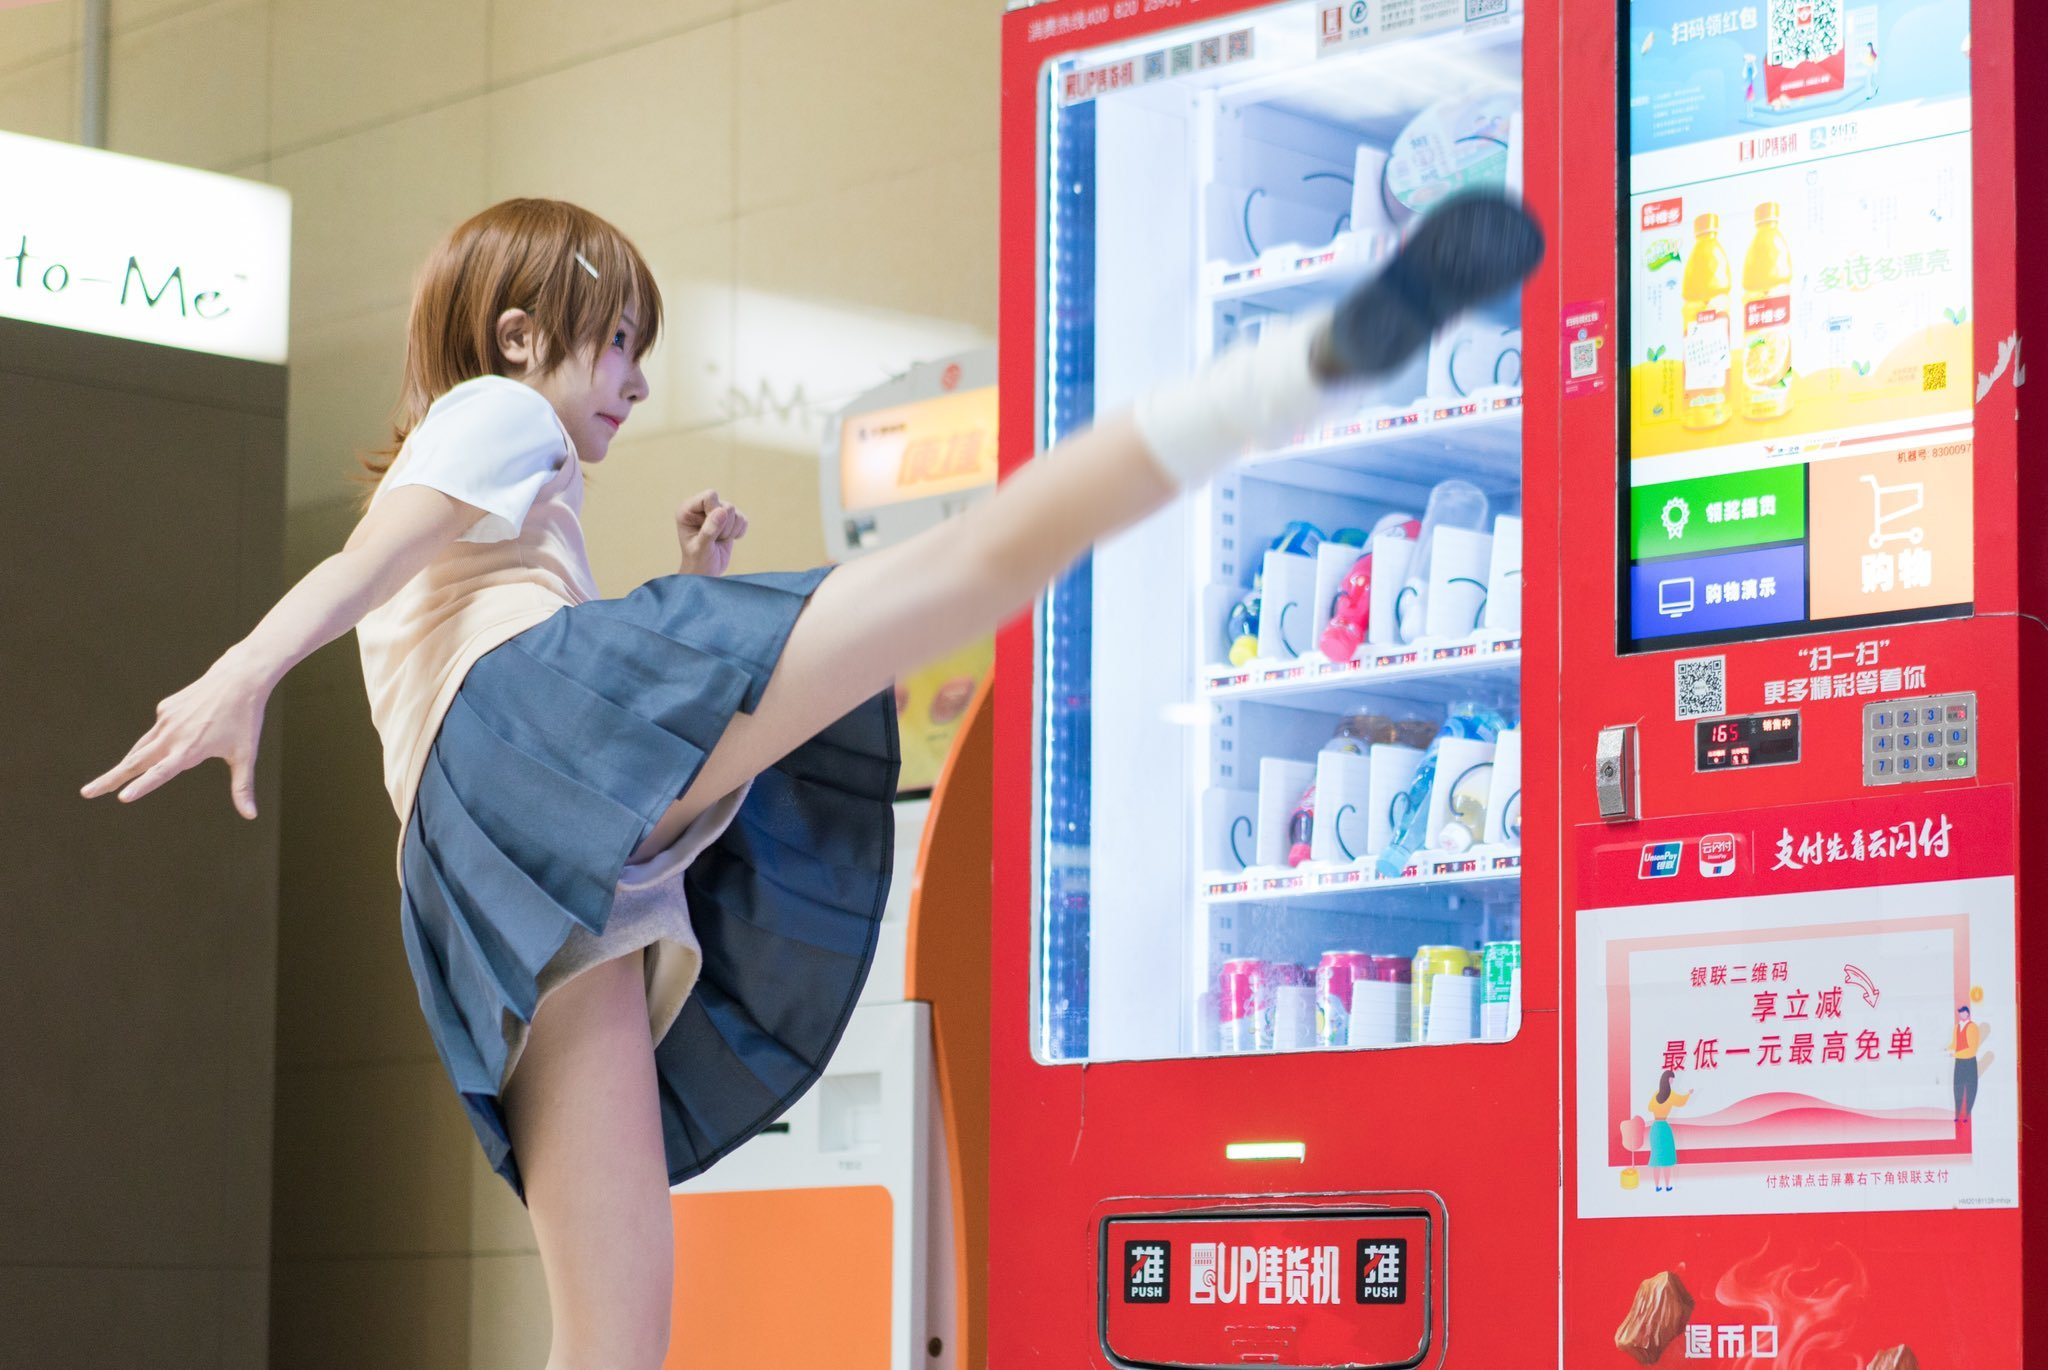 同人展超萌妹子《小柔SeeU》,优质高产日本宅宅都惊呆了!-新图包